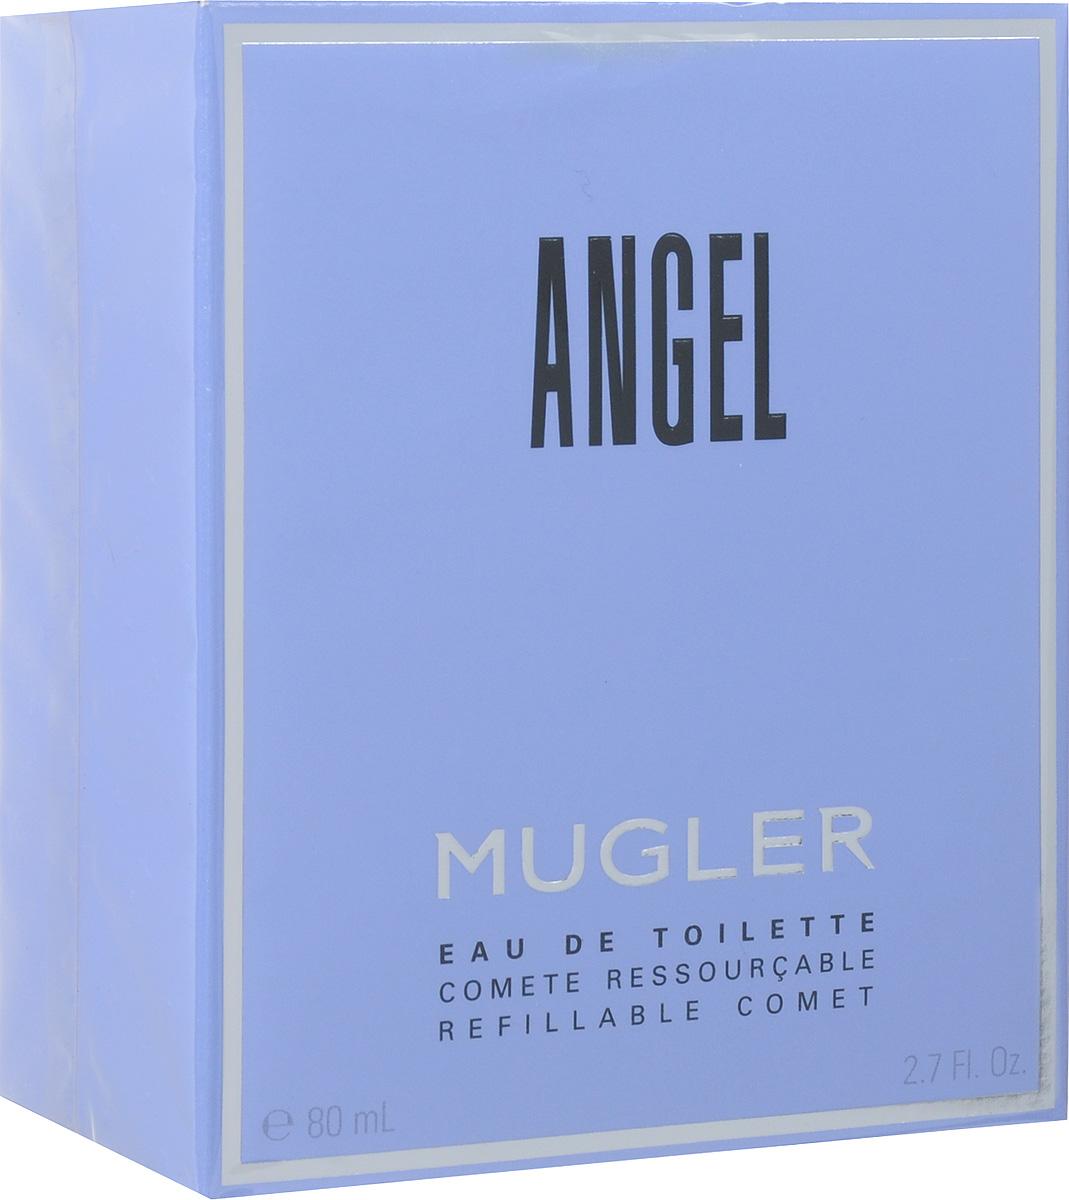 Thierry Mugler Туалетная вода Angel, женская, 80 мл13973Поддайтесь искушению легендарного аромата. К нему привязываются, сходят от него с ума. Культовая композиция c гурманскими нотами красных ягод и высокой концентрацией пачули. Начальная нота звучит нежностью детства, затем аромат постепенно открывается властными контурами совершенной, чарующей женственности.